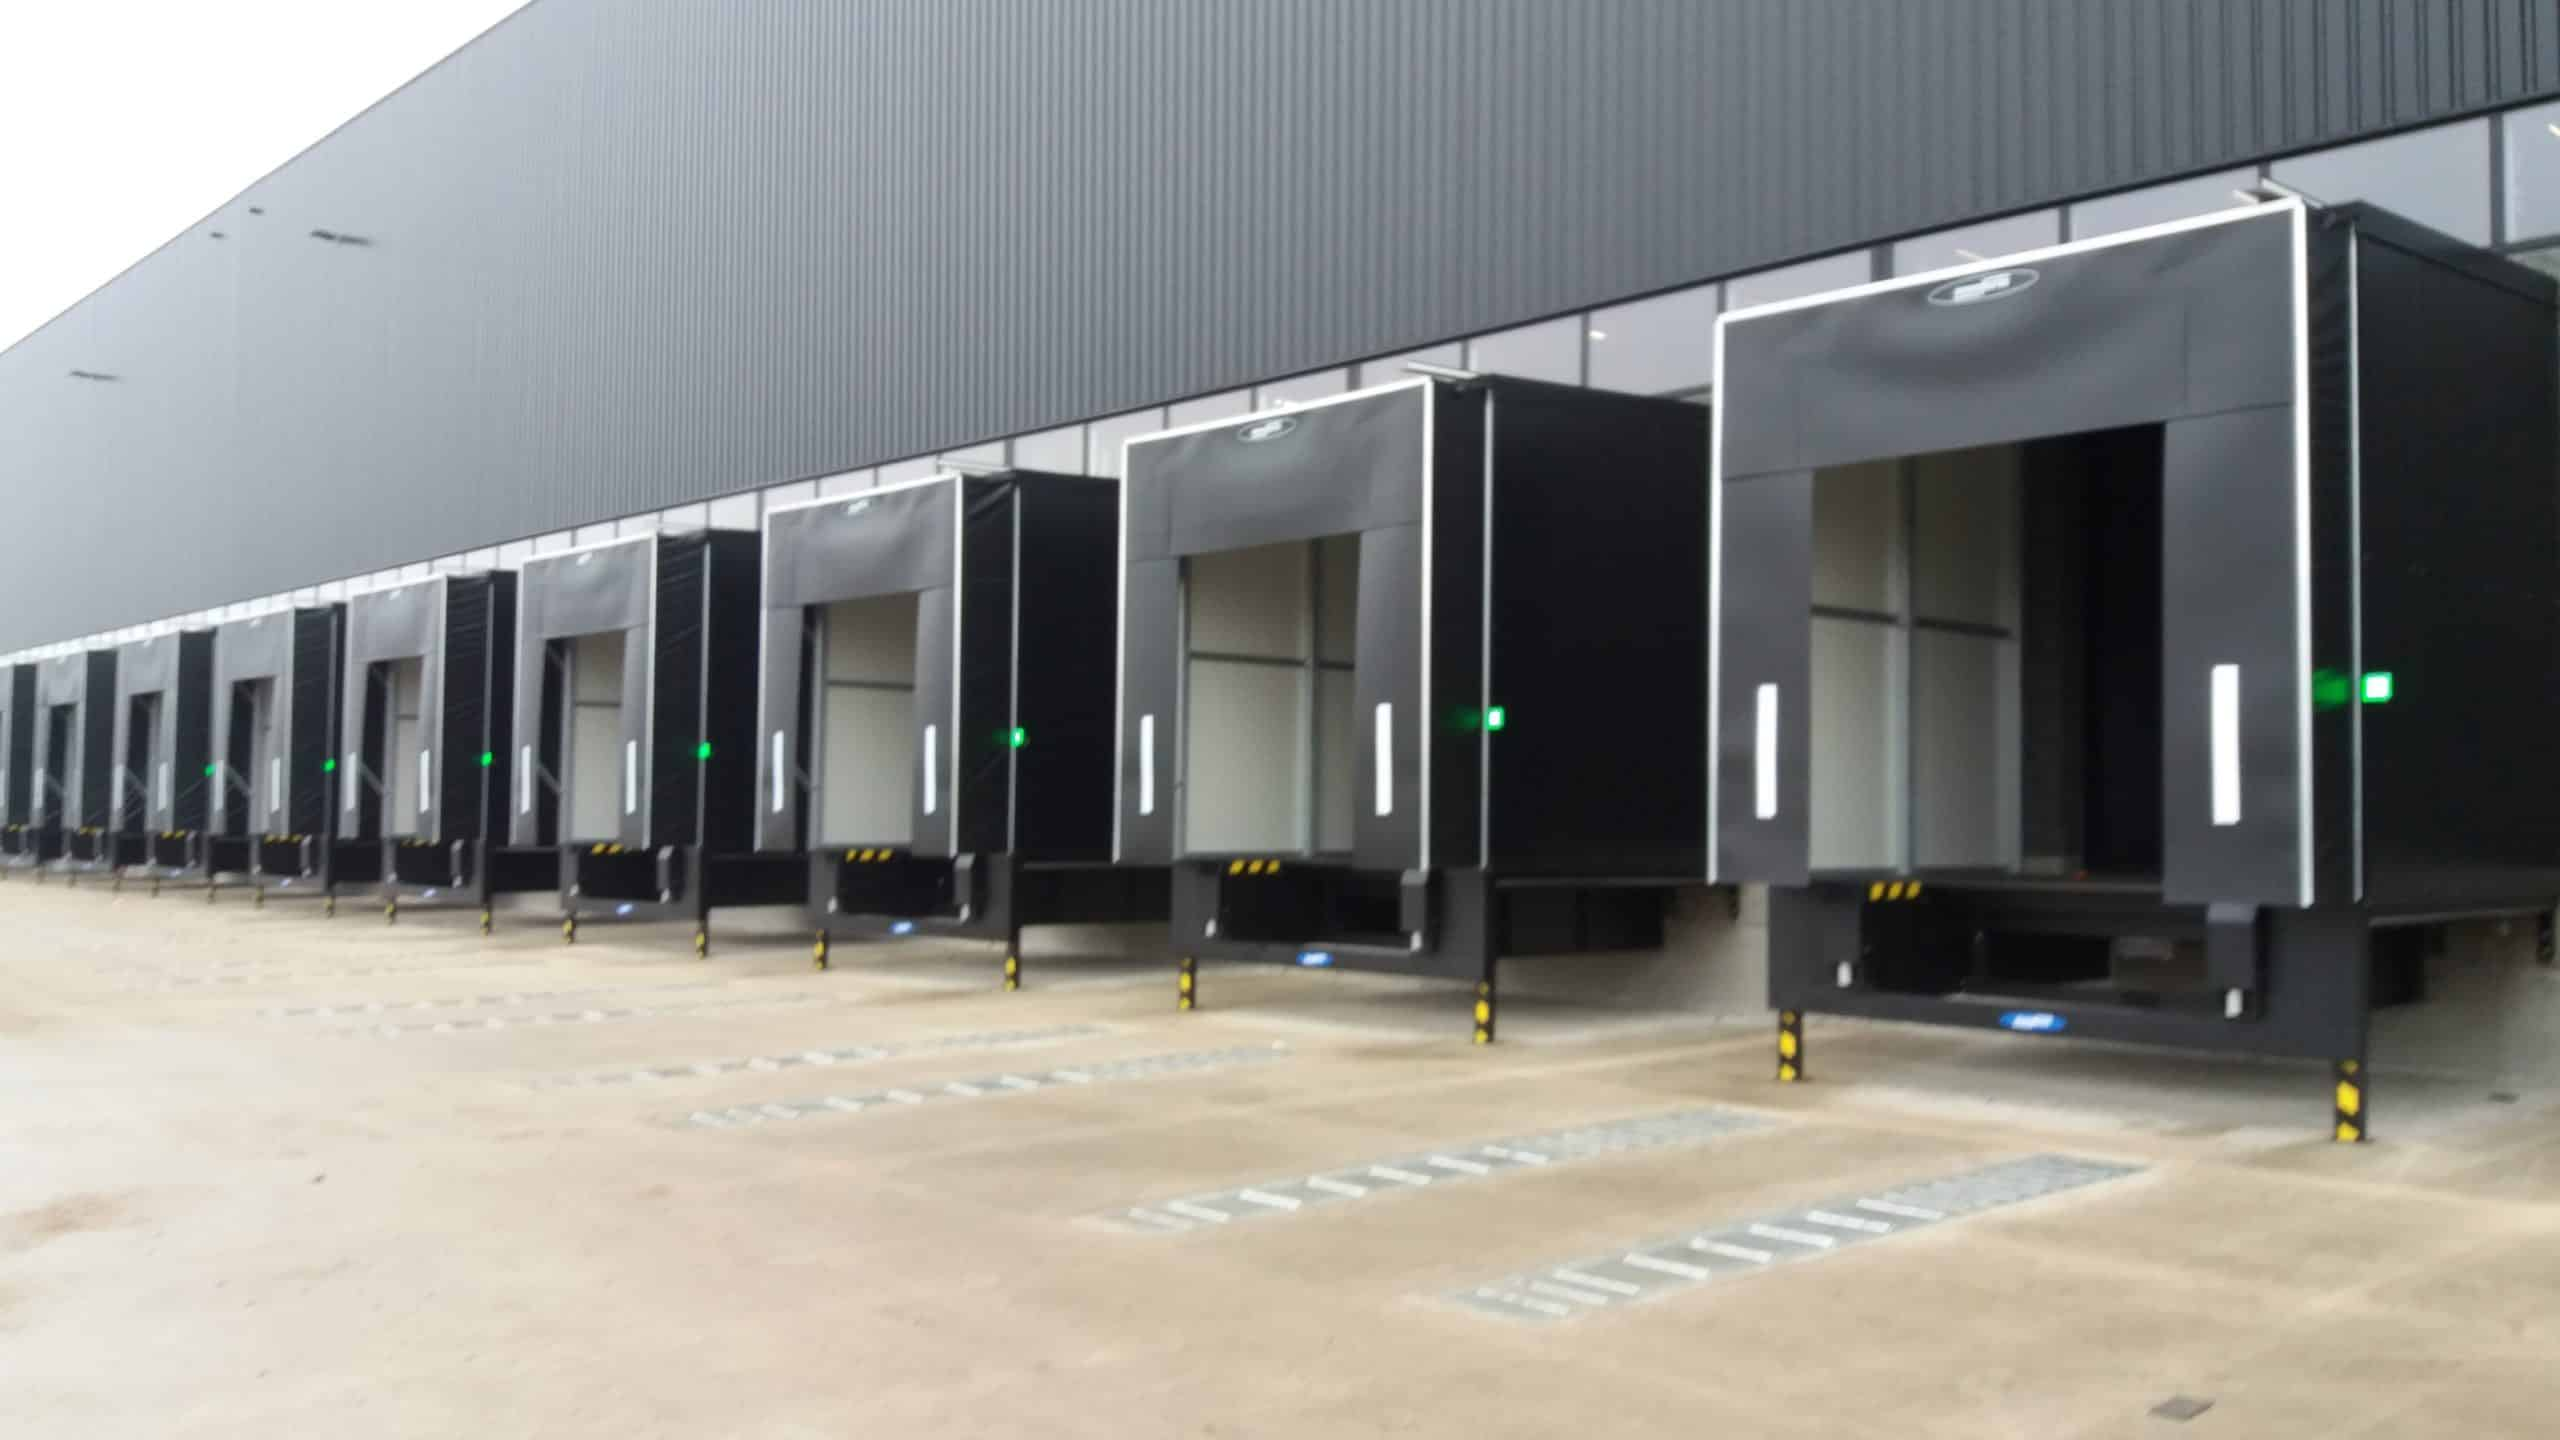 Nouvelle installation entreprise avec plusieurs Calematic sur plateformes logistiques